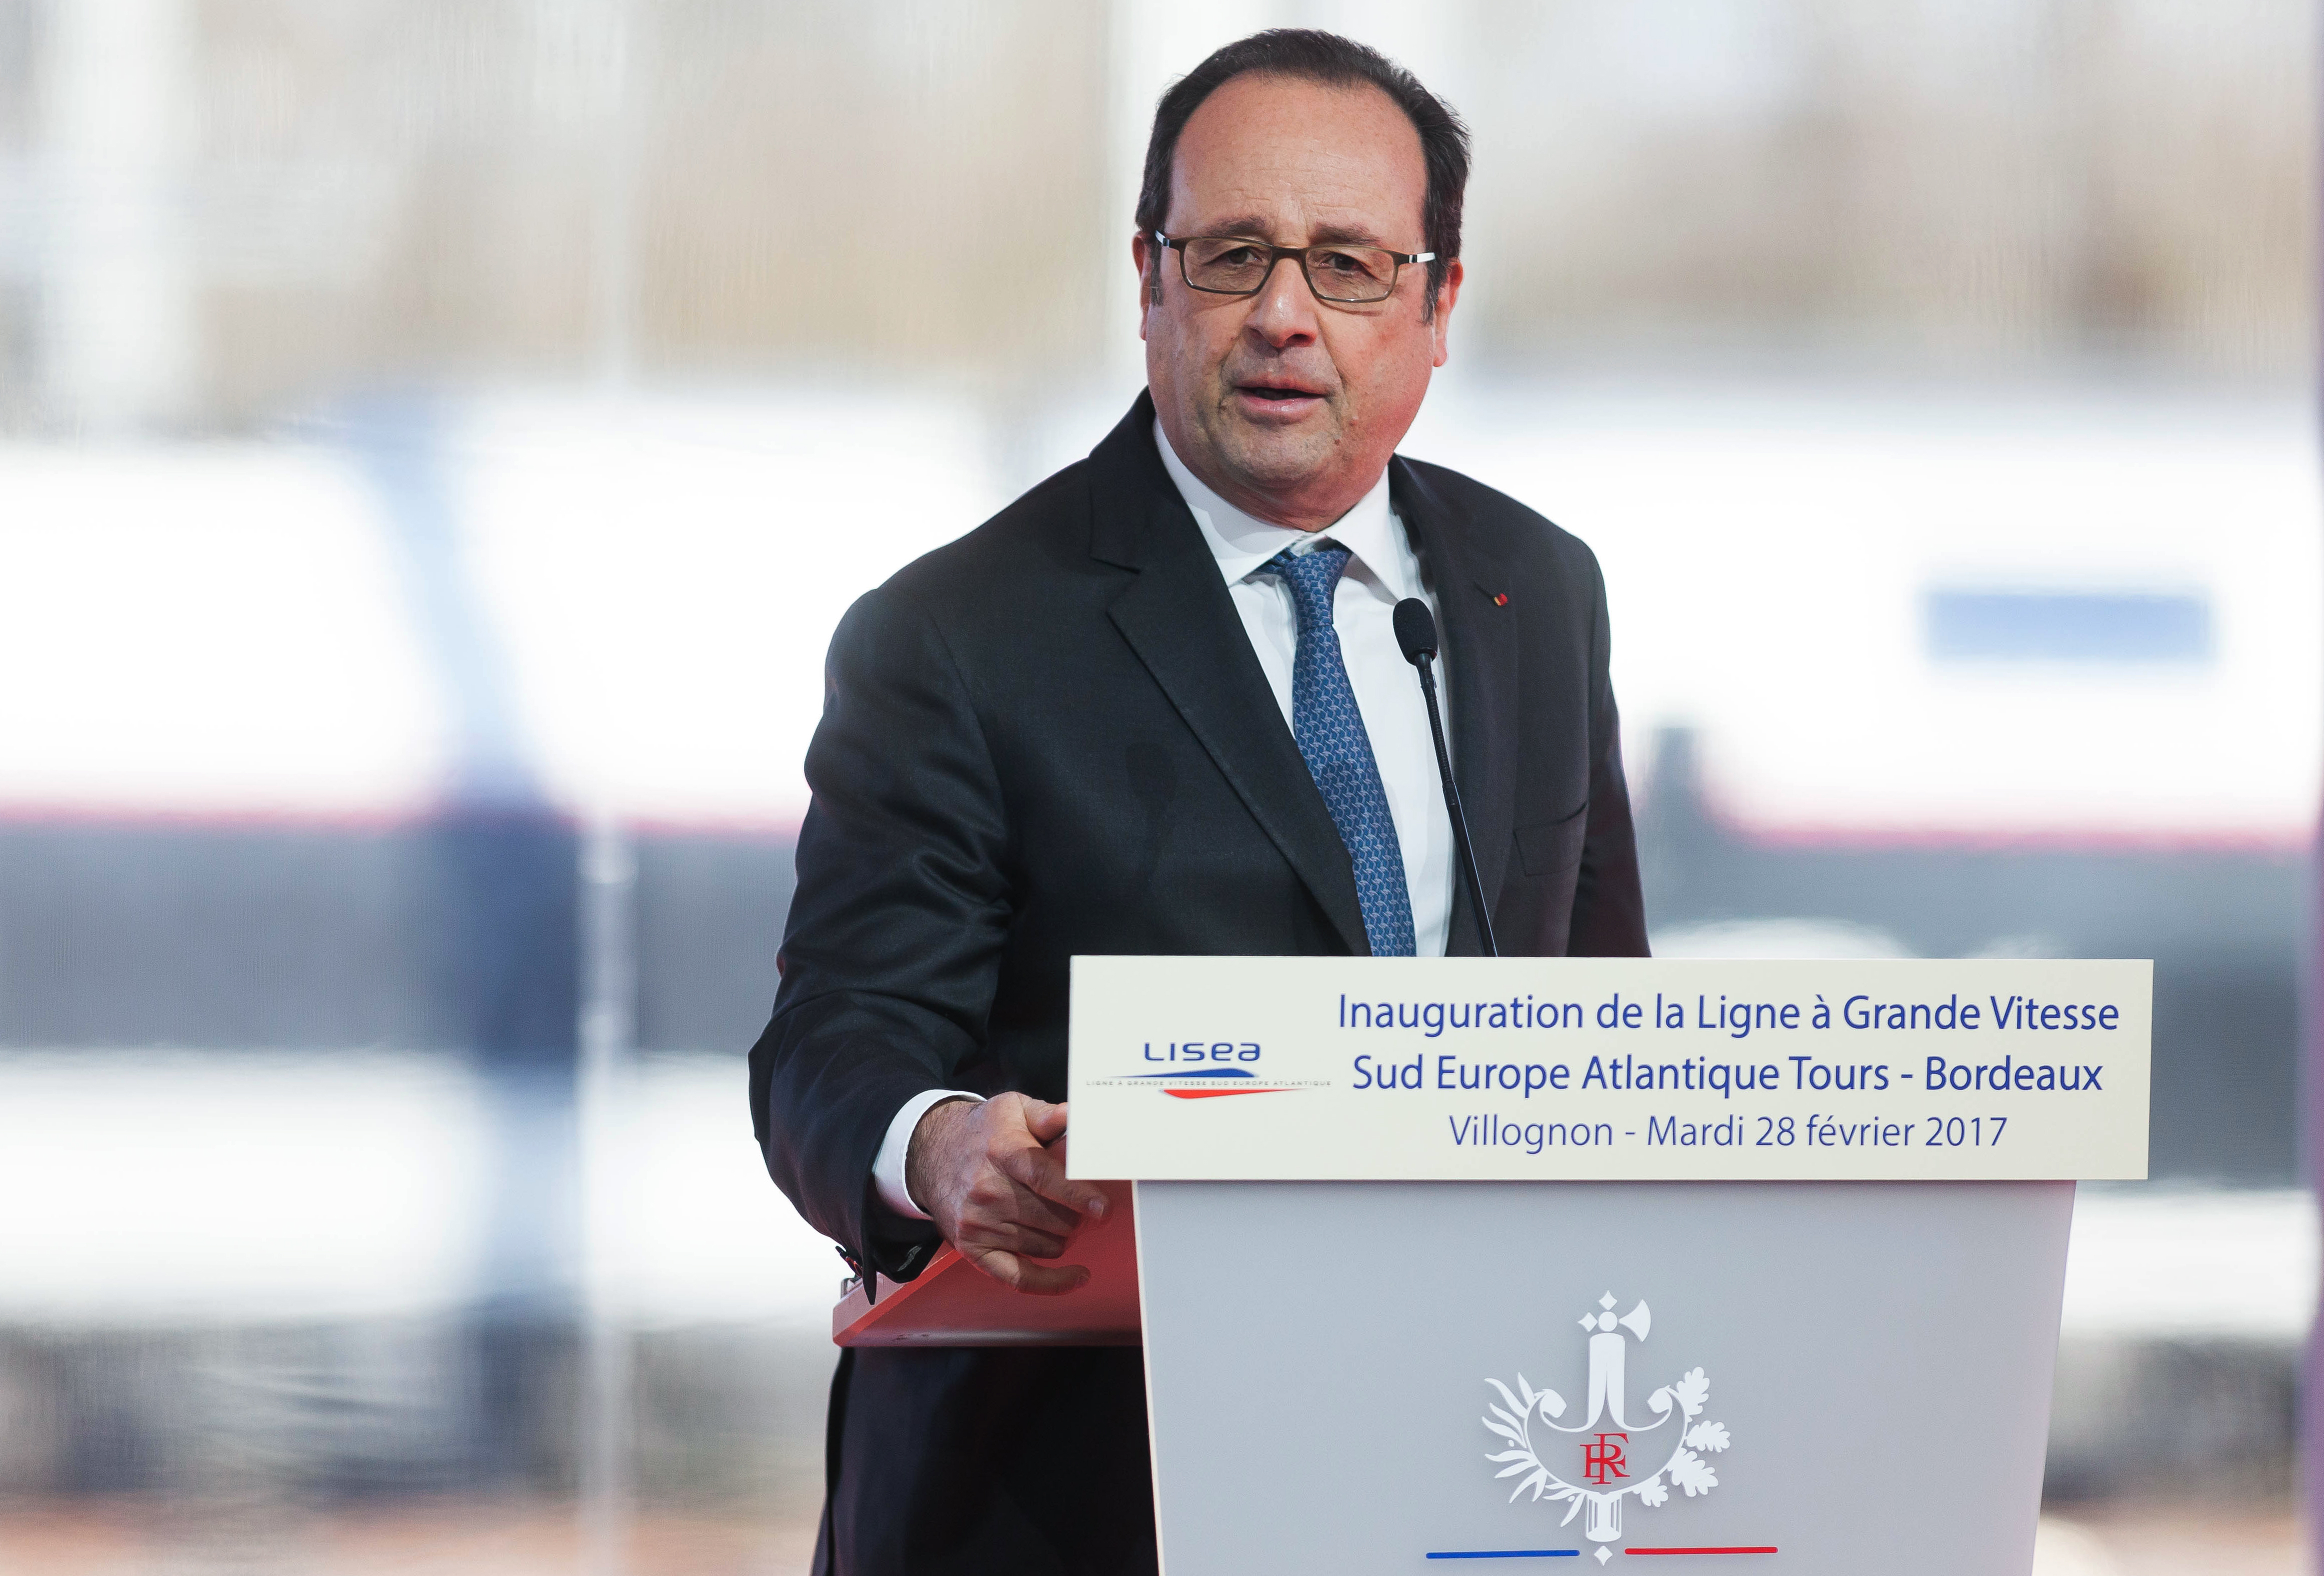 Hollande elnök beszéde közben véletlenül meglőtt két embert a rendőrség mesterlövésze